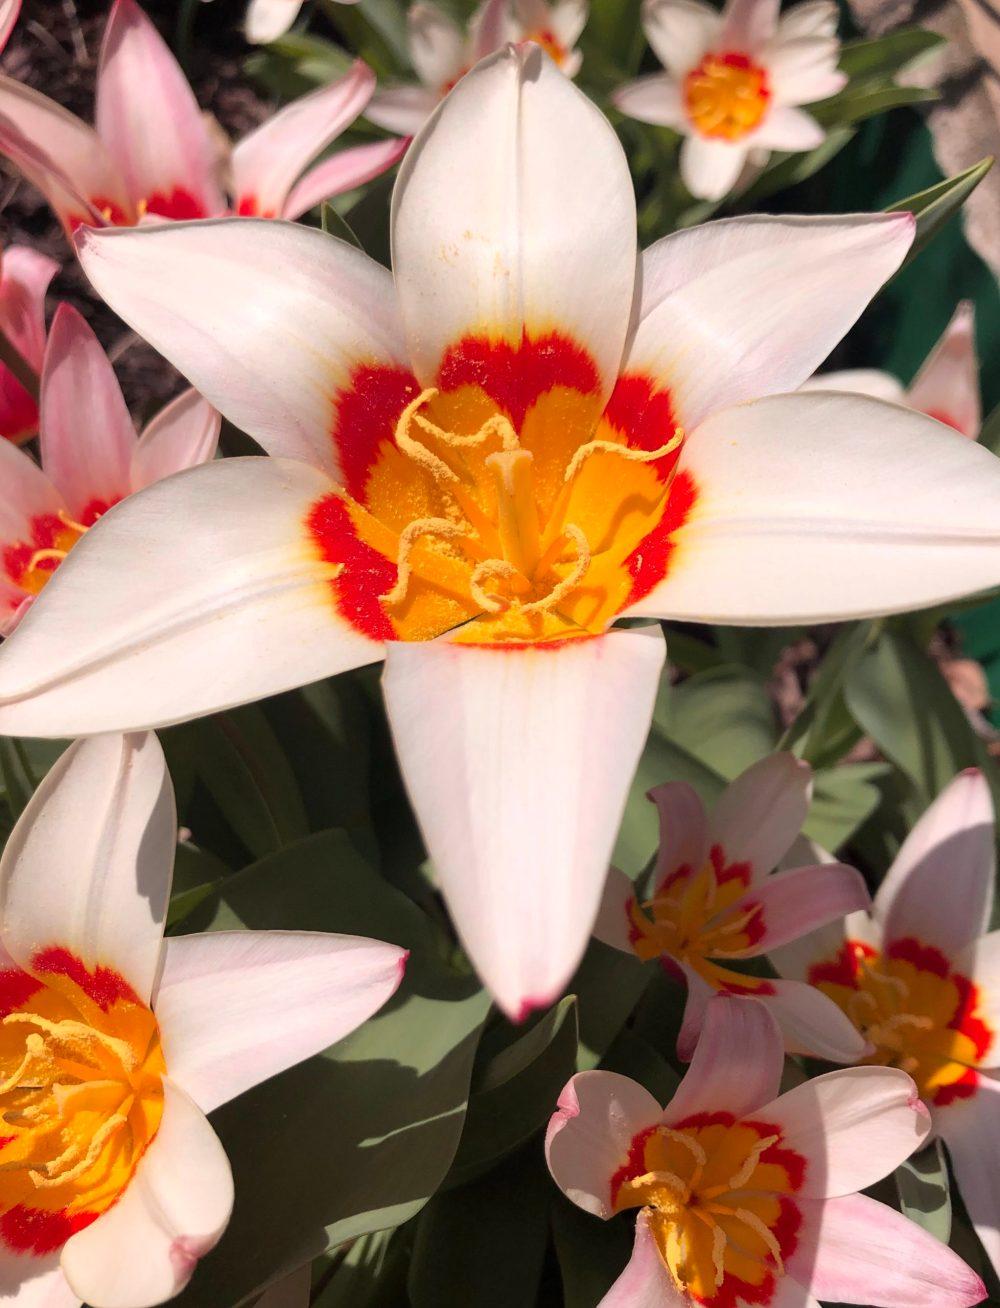 Sehr viele offene Tulpenblüten von oben